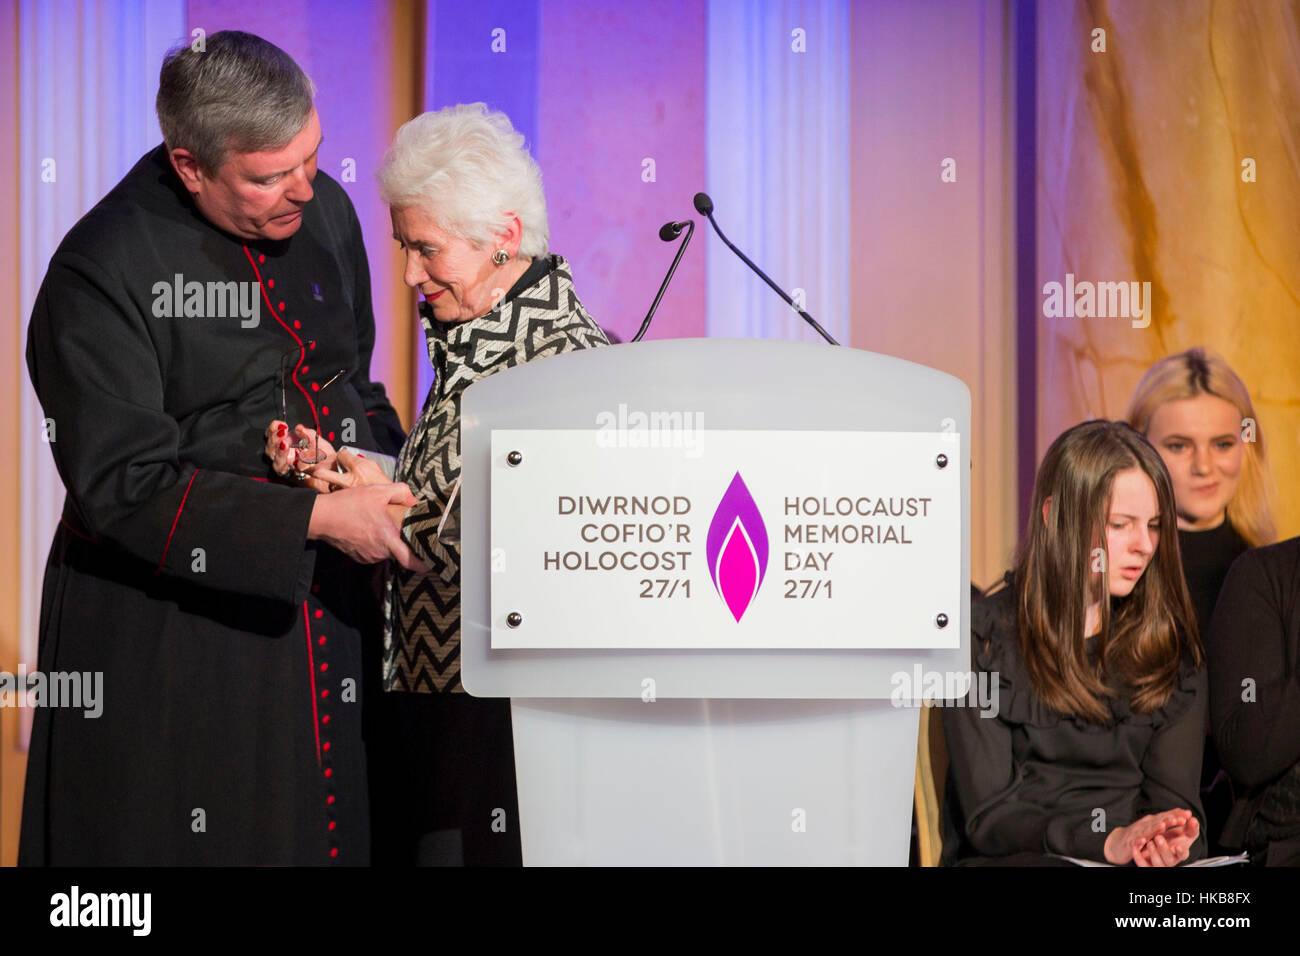 Cardiff, Wales, UK. 27 Jan, 2017. Survivant de l'holocauste Eva Clarke est pris en charge par le révérend Photo Stock